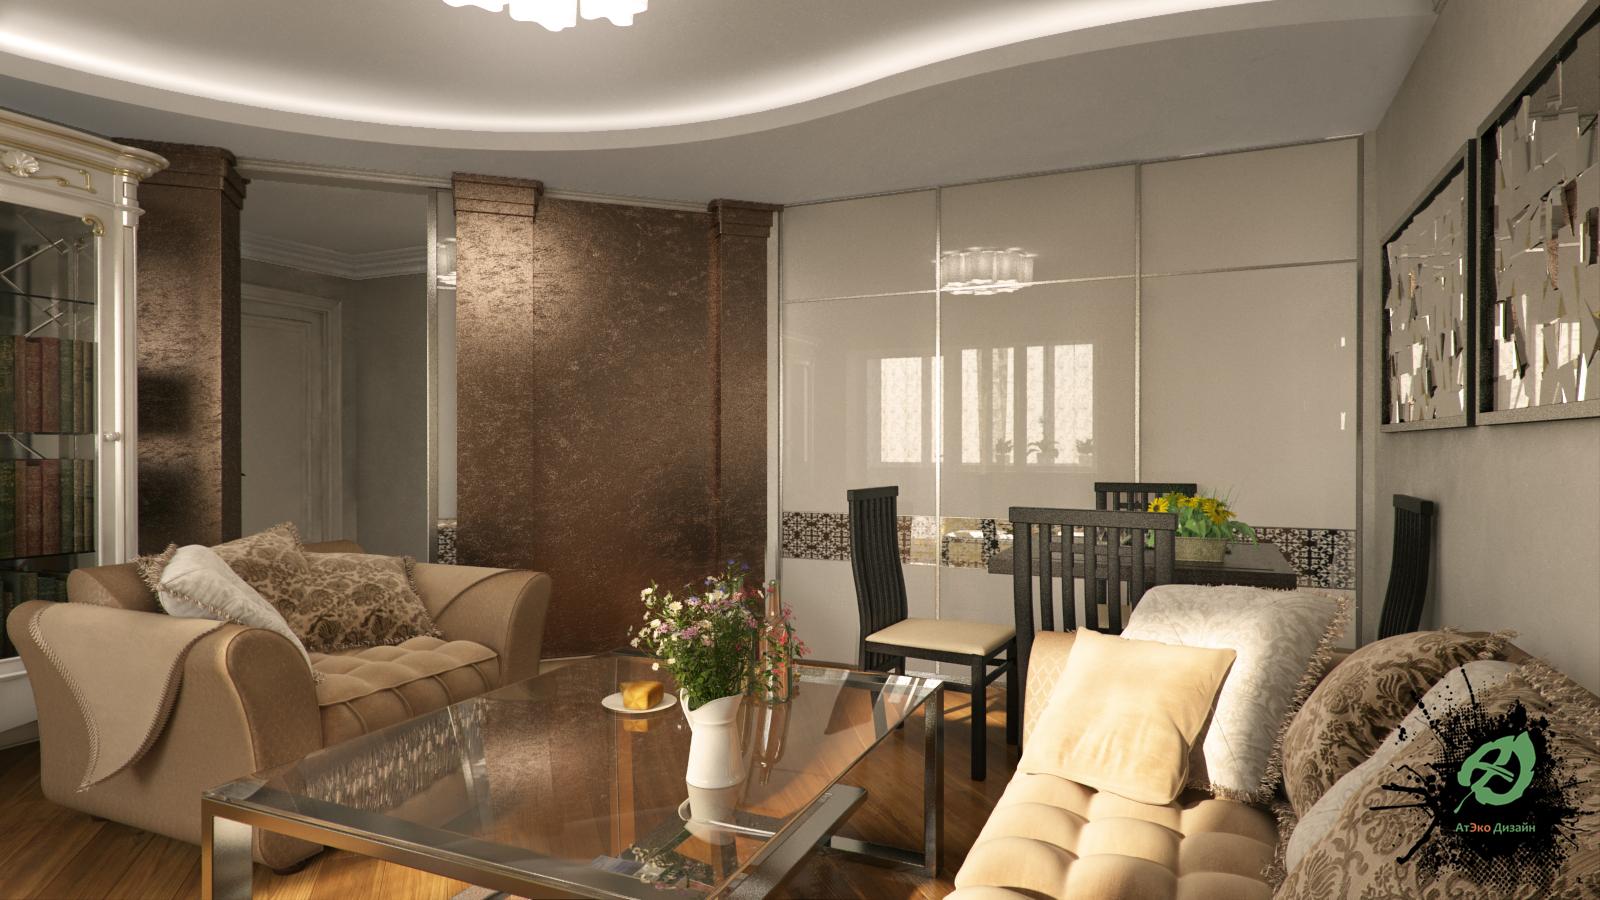 Интерьер квартиры фото 2 комнатной квартиры